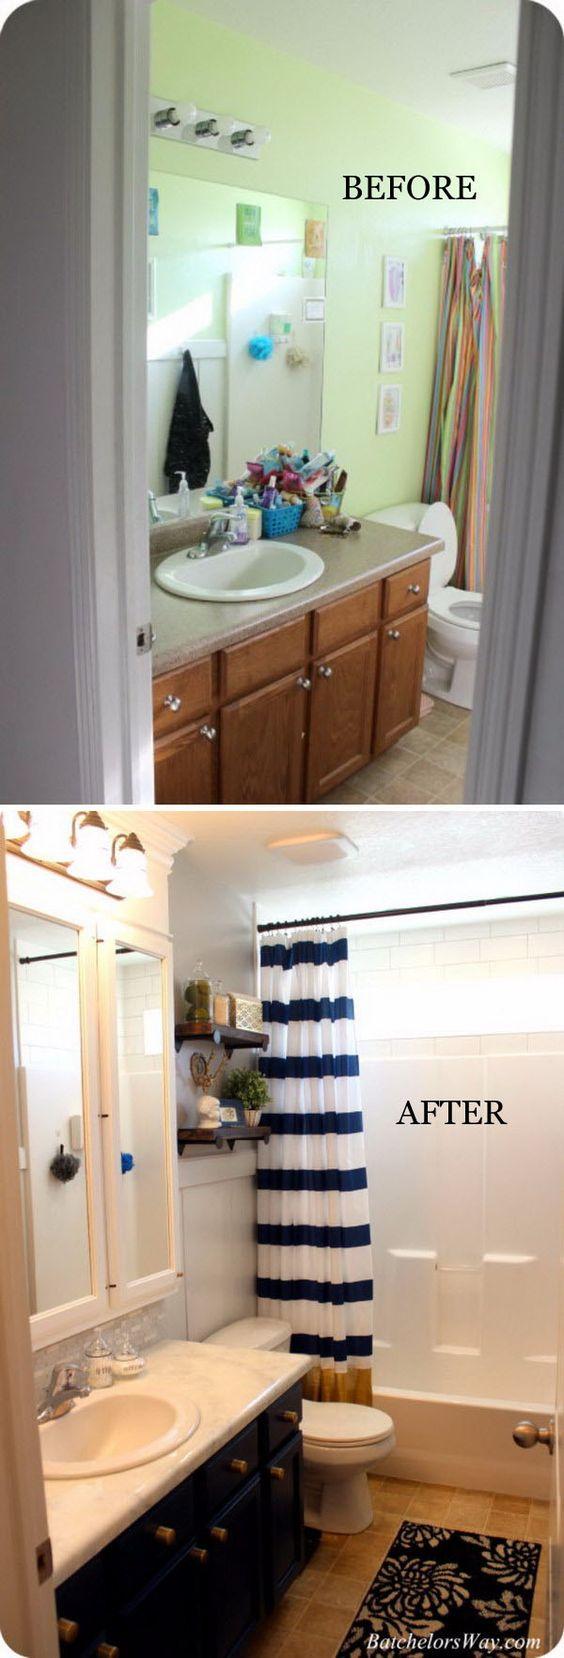 Remodelacion de baños pequeños